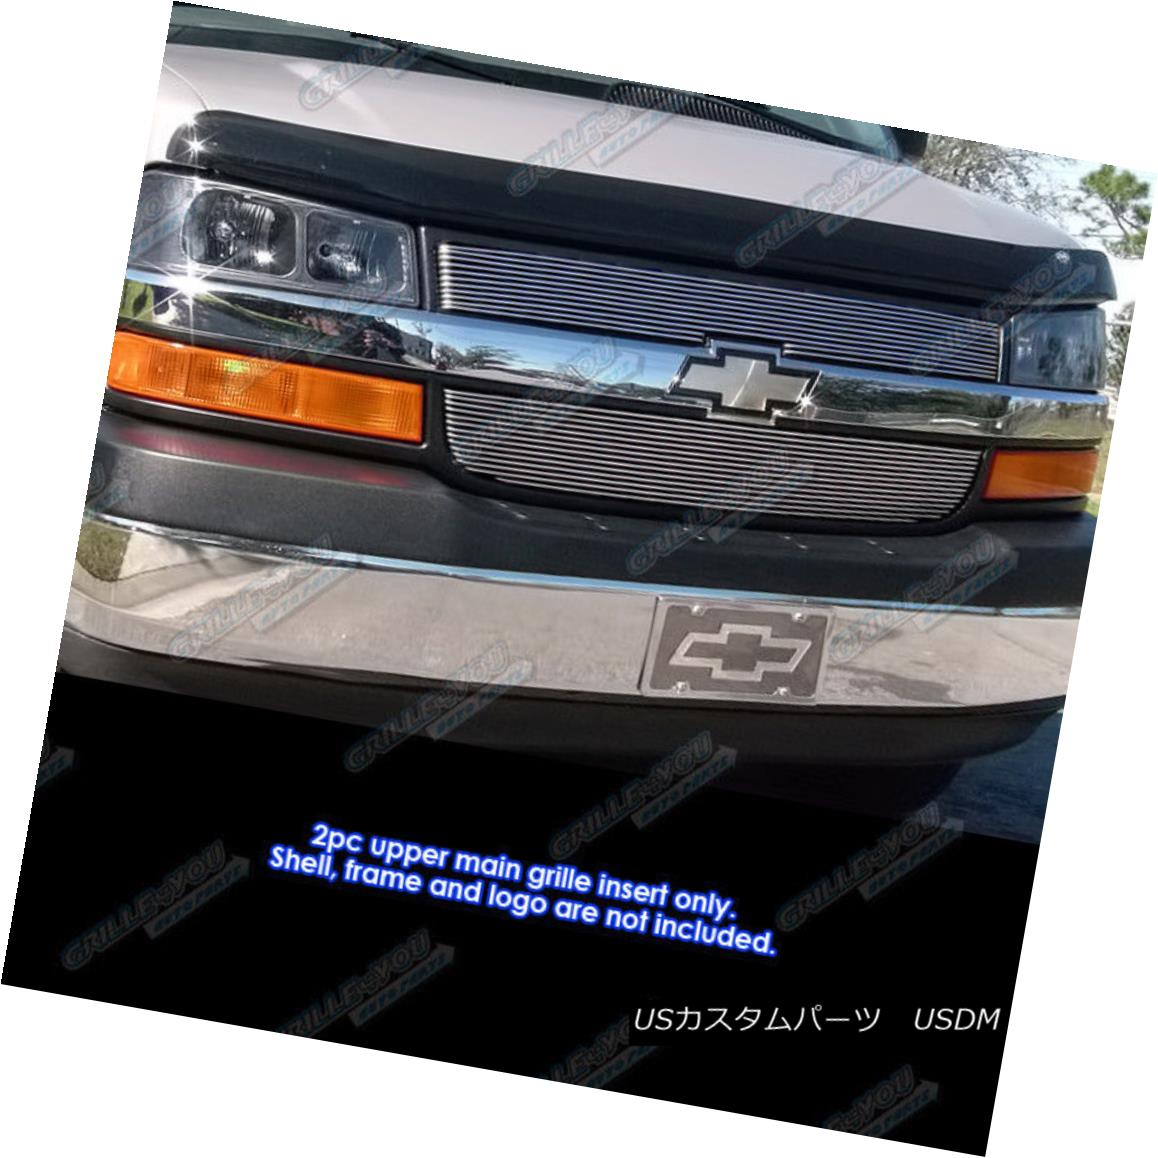 グリル For 2003-2016 Chevy Express Explorer Conversion Van Billet Grille Insert 2003-2016シボレーエクスプレスエクスプローラコンバージョンヴァンビレットグリルインサート